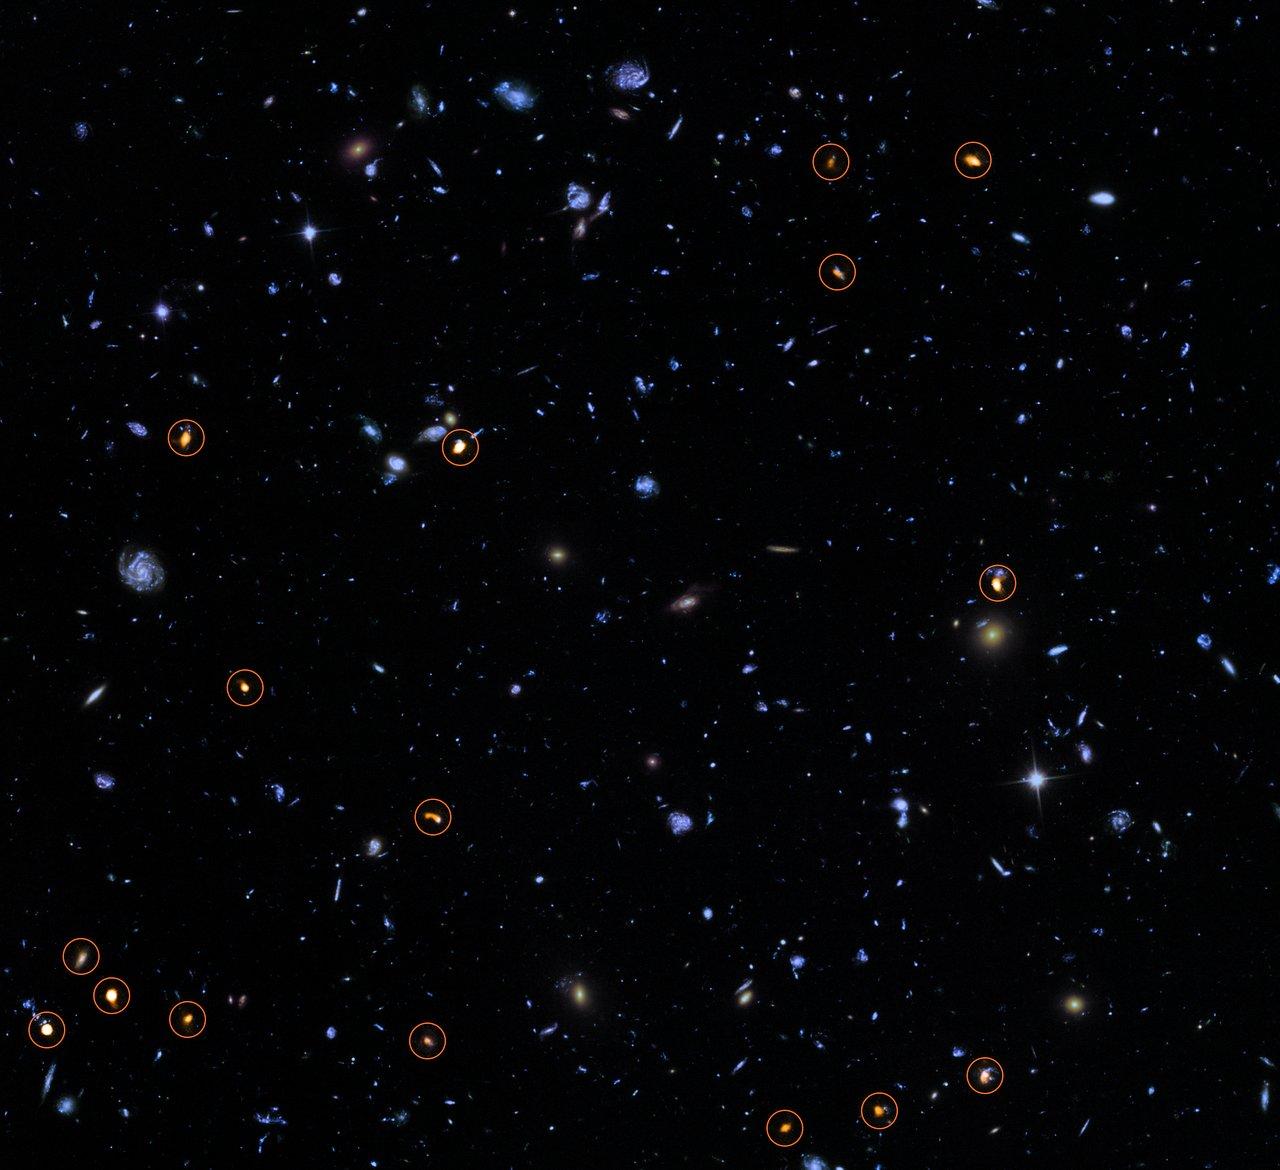 Esta imagen combina una imagen de fondo tomada por el Telescopio Espacial Hubble de NASA/ESA (azul/verde) con una nueva visión muy profunda de ALMA de este campo (naranja, marcado con círculos). Todos los objetos que ve ALMA parecen ser galaxias con formación de estrellas masivas.